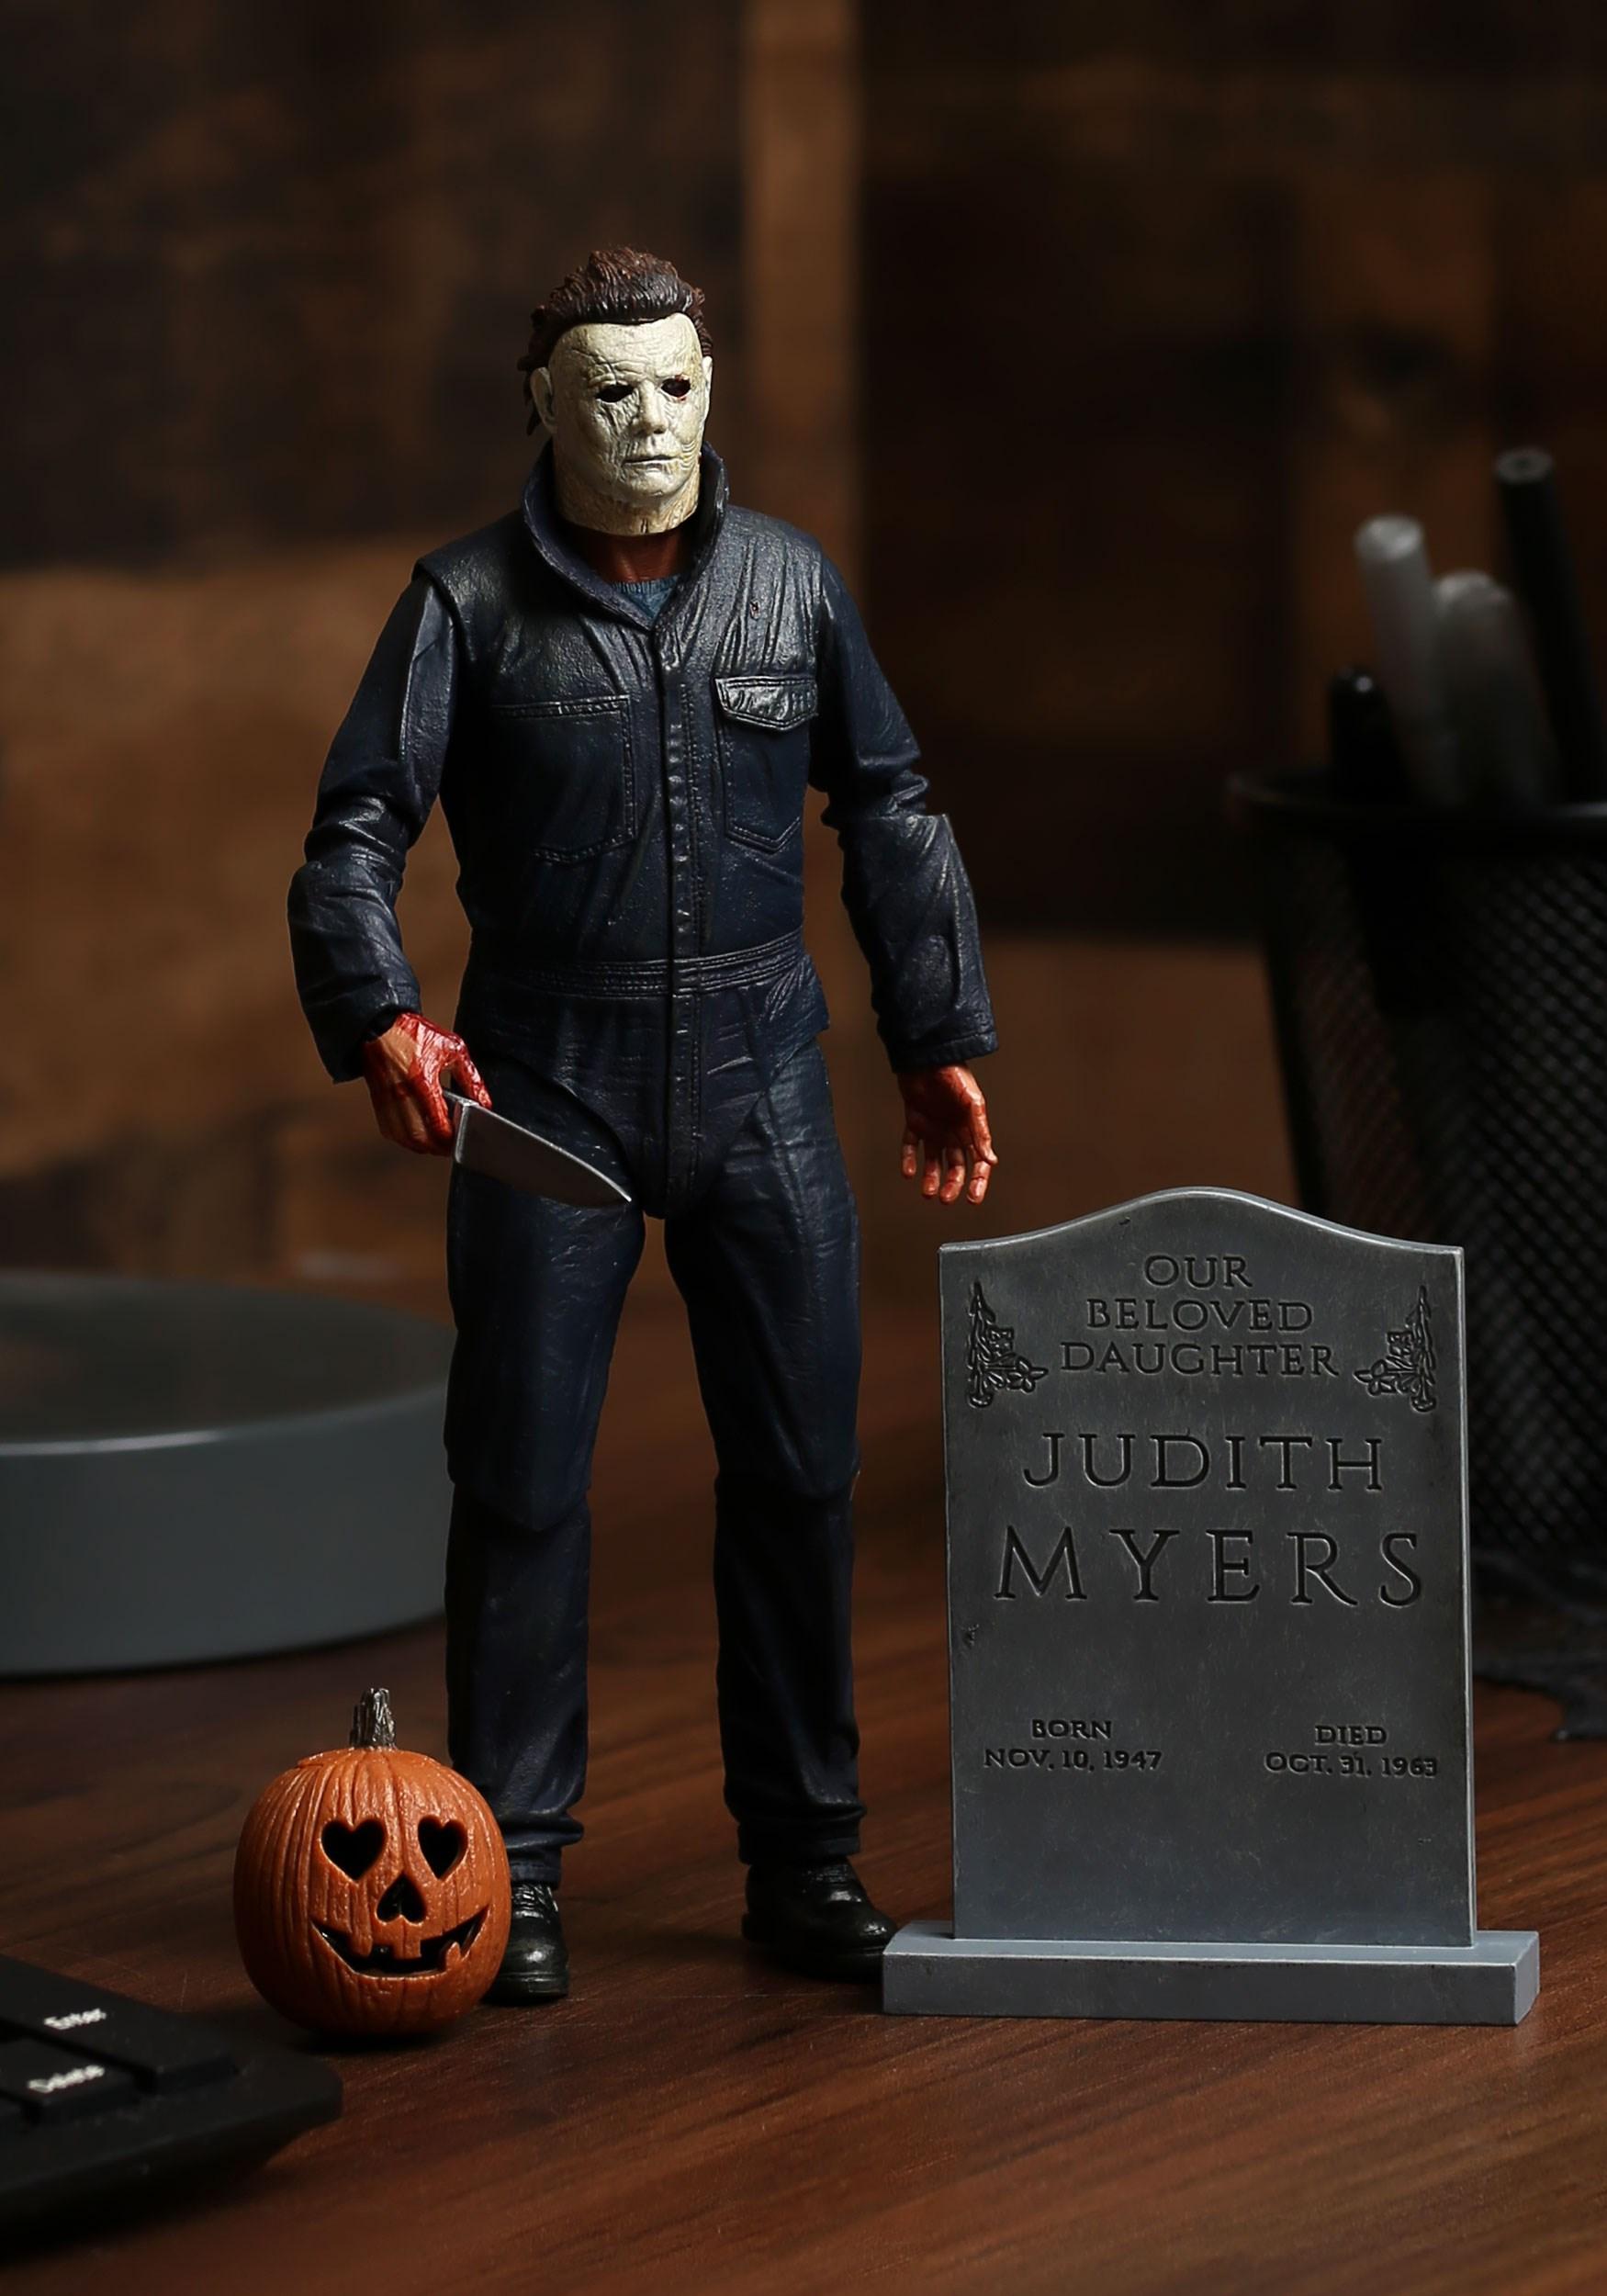 Halloween Michael Myers Costume.Halloween 2018 Michael Myers 7 Scale Action Figure